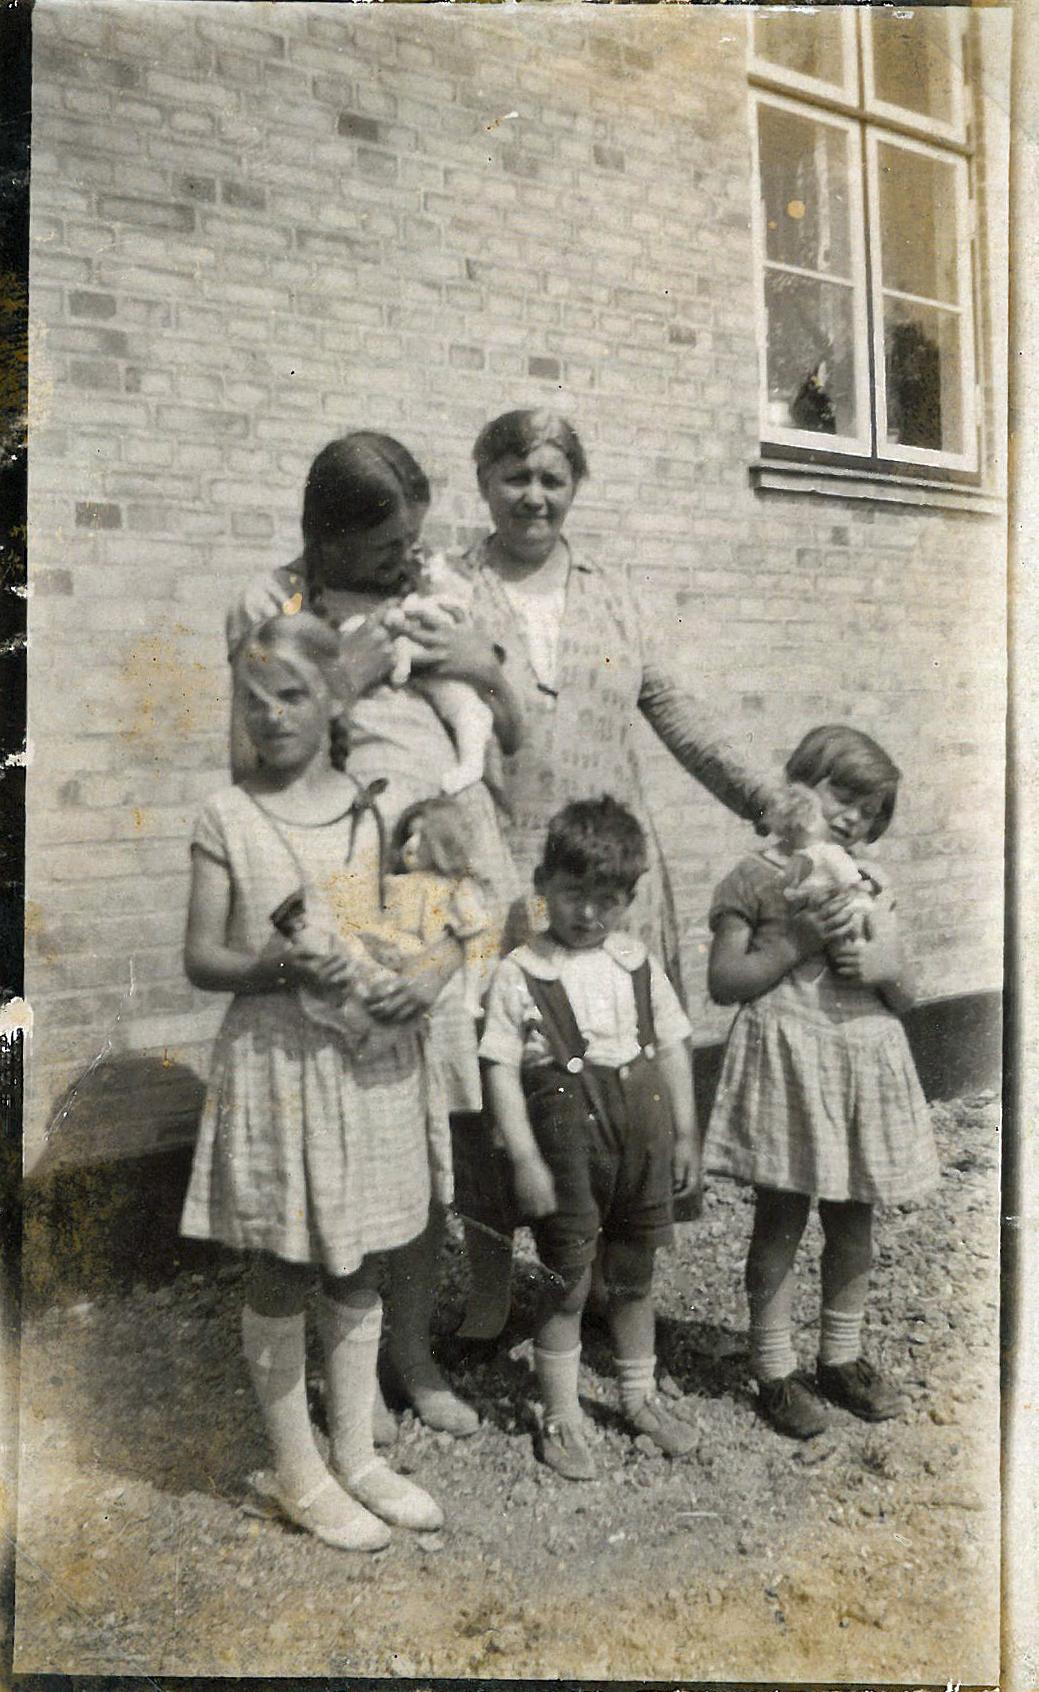 Huset på Marthavej 5 med Frk. Ejby og børnene foran huset